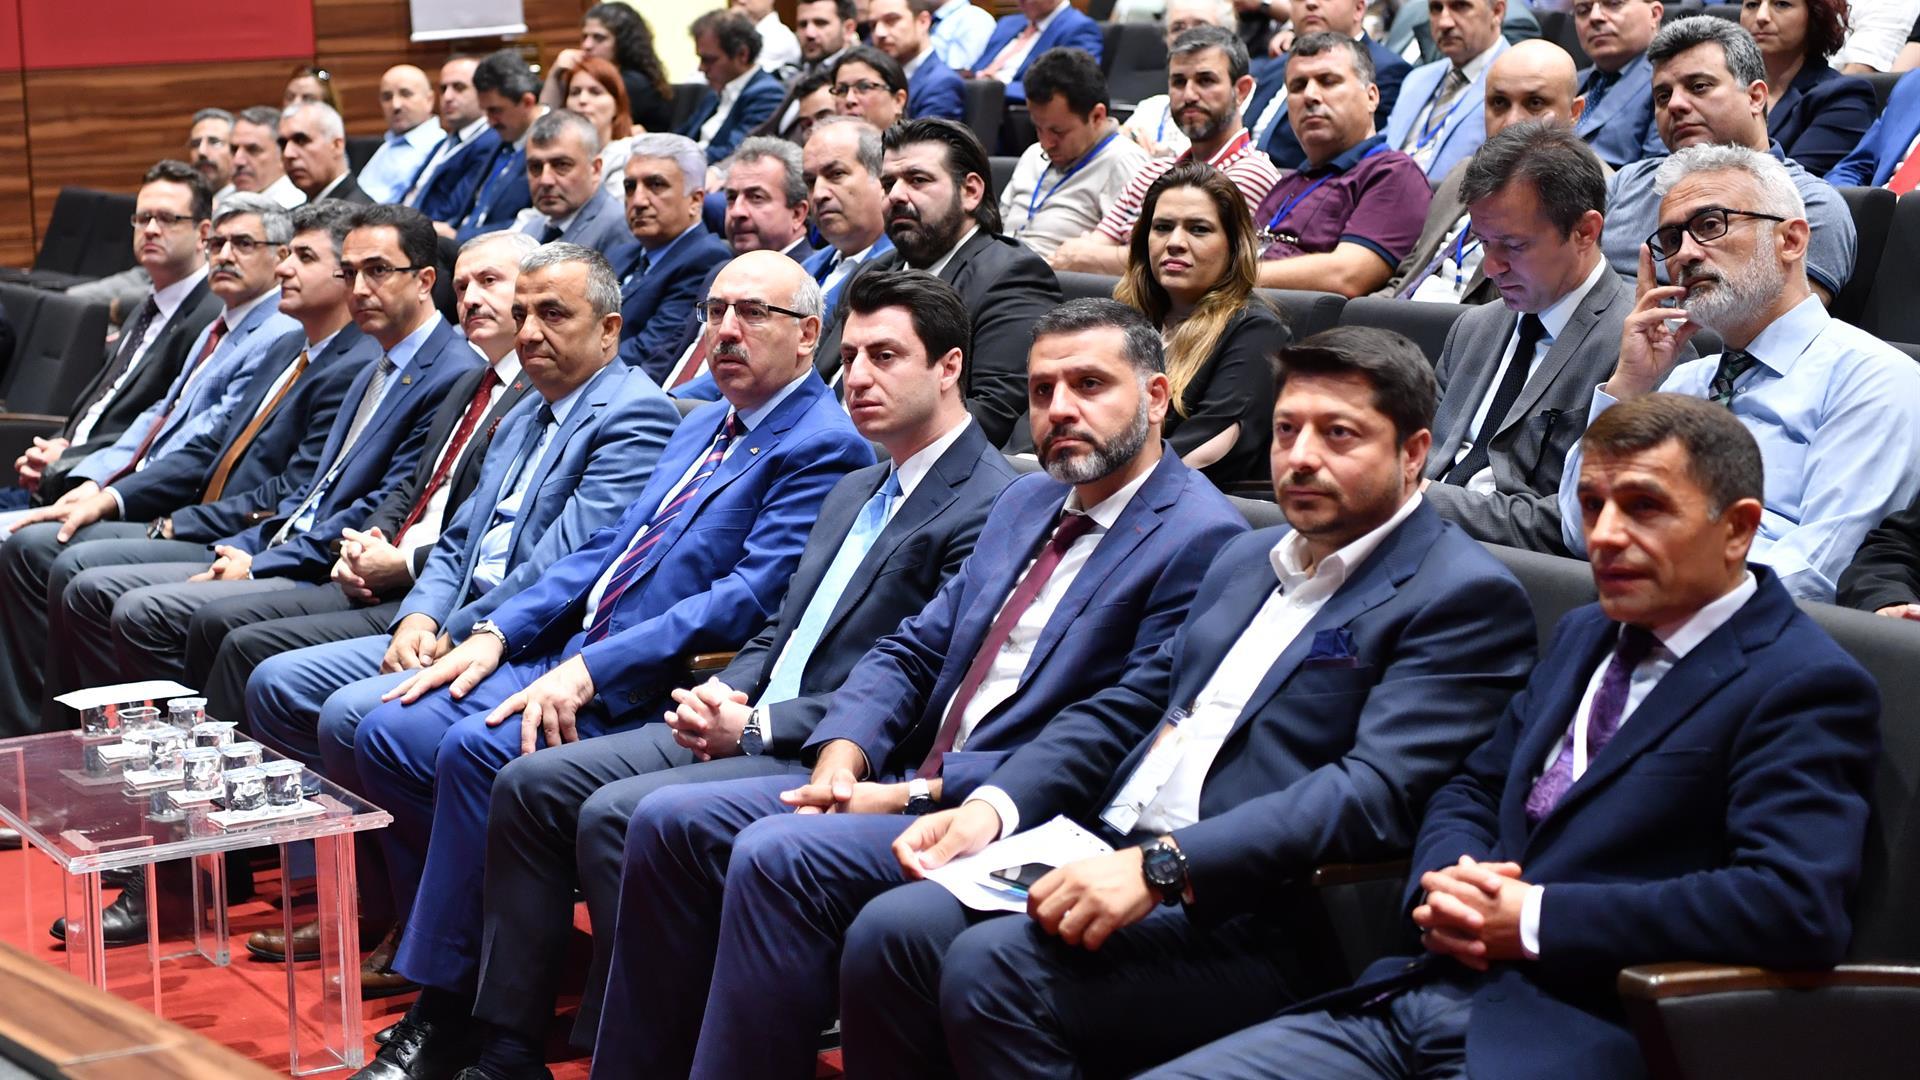 Sanayi-ve-Teknoloji-Bakanlığı-Kamu-Üniversite-Sanayi-İş-Birliği-(KÜSİ)-Çalışma-Grubu-13.-Koordinasyon-Toplantısı-İstanbul-Üniversitesi'nde-Gerçekleştirildi